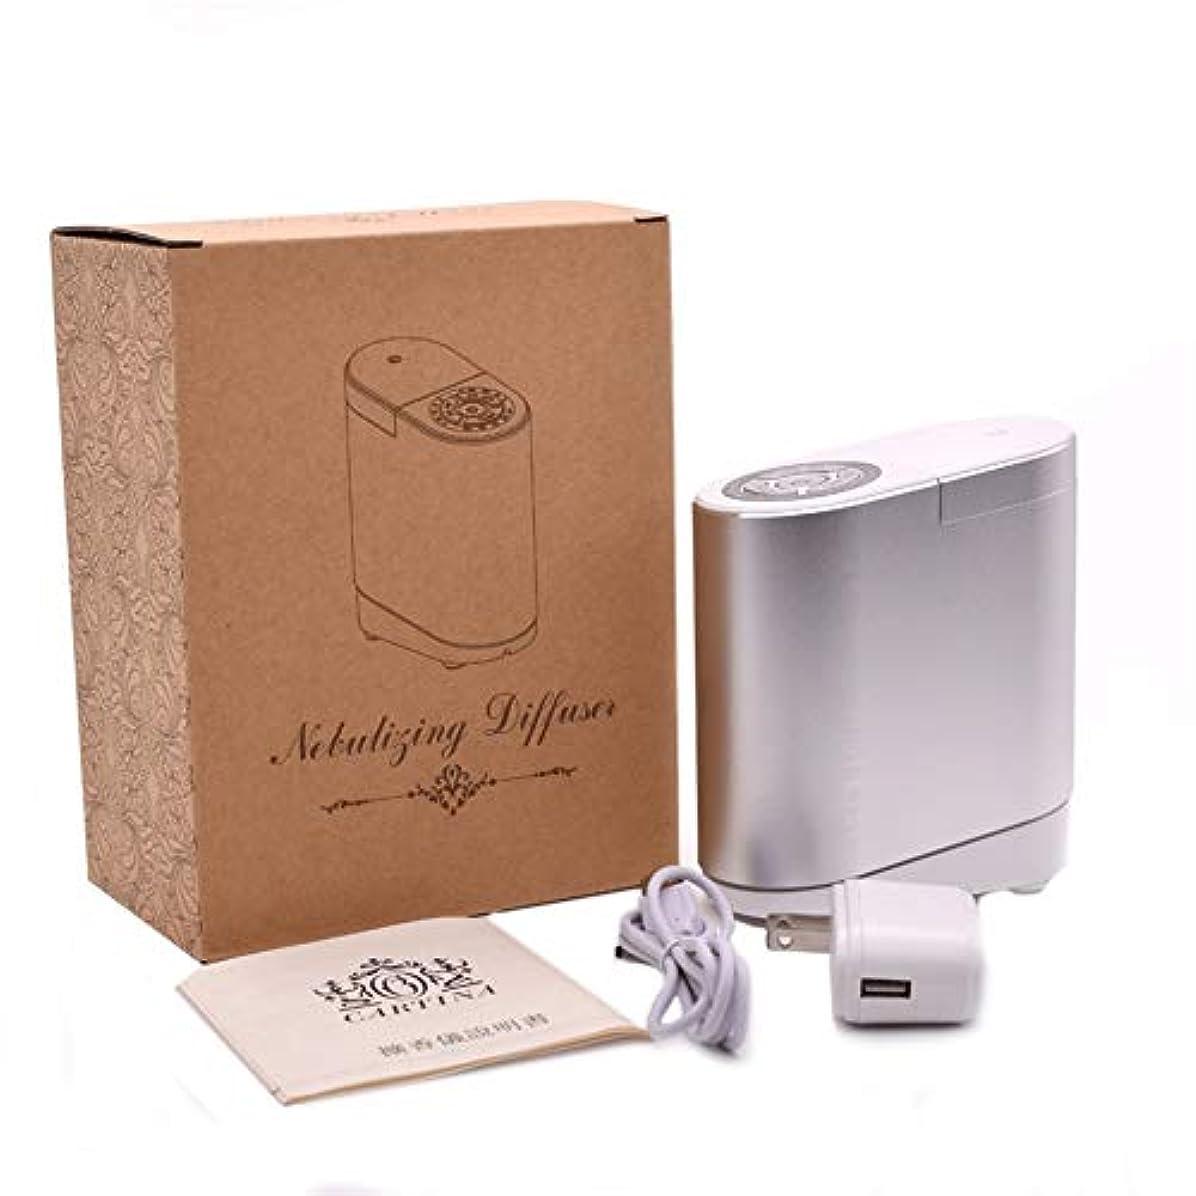 天気浴に負けるスマートエッセンシャルオイルディフューザー、霧化オイルディフューザー調整可能なミストとタイムモードを備えた純粋なアロマディフューザー家庭用、オフィス用、ベビールーム、ヨガに最適です。